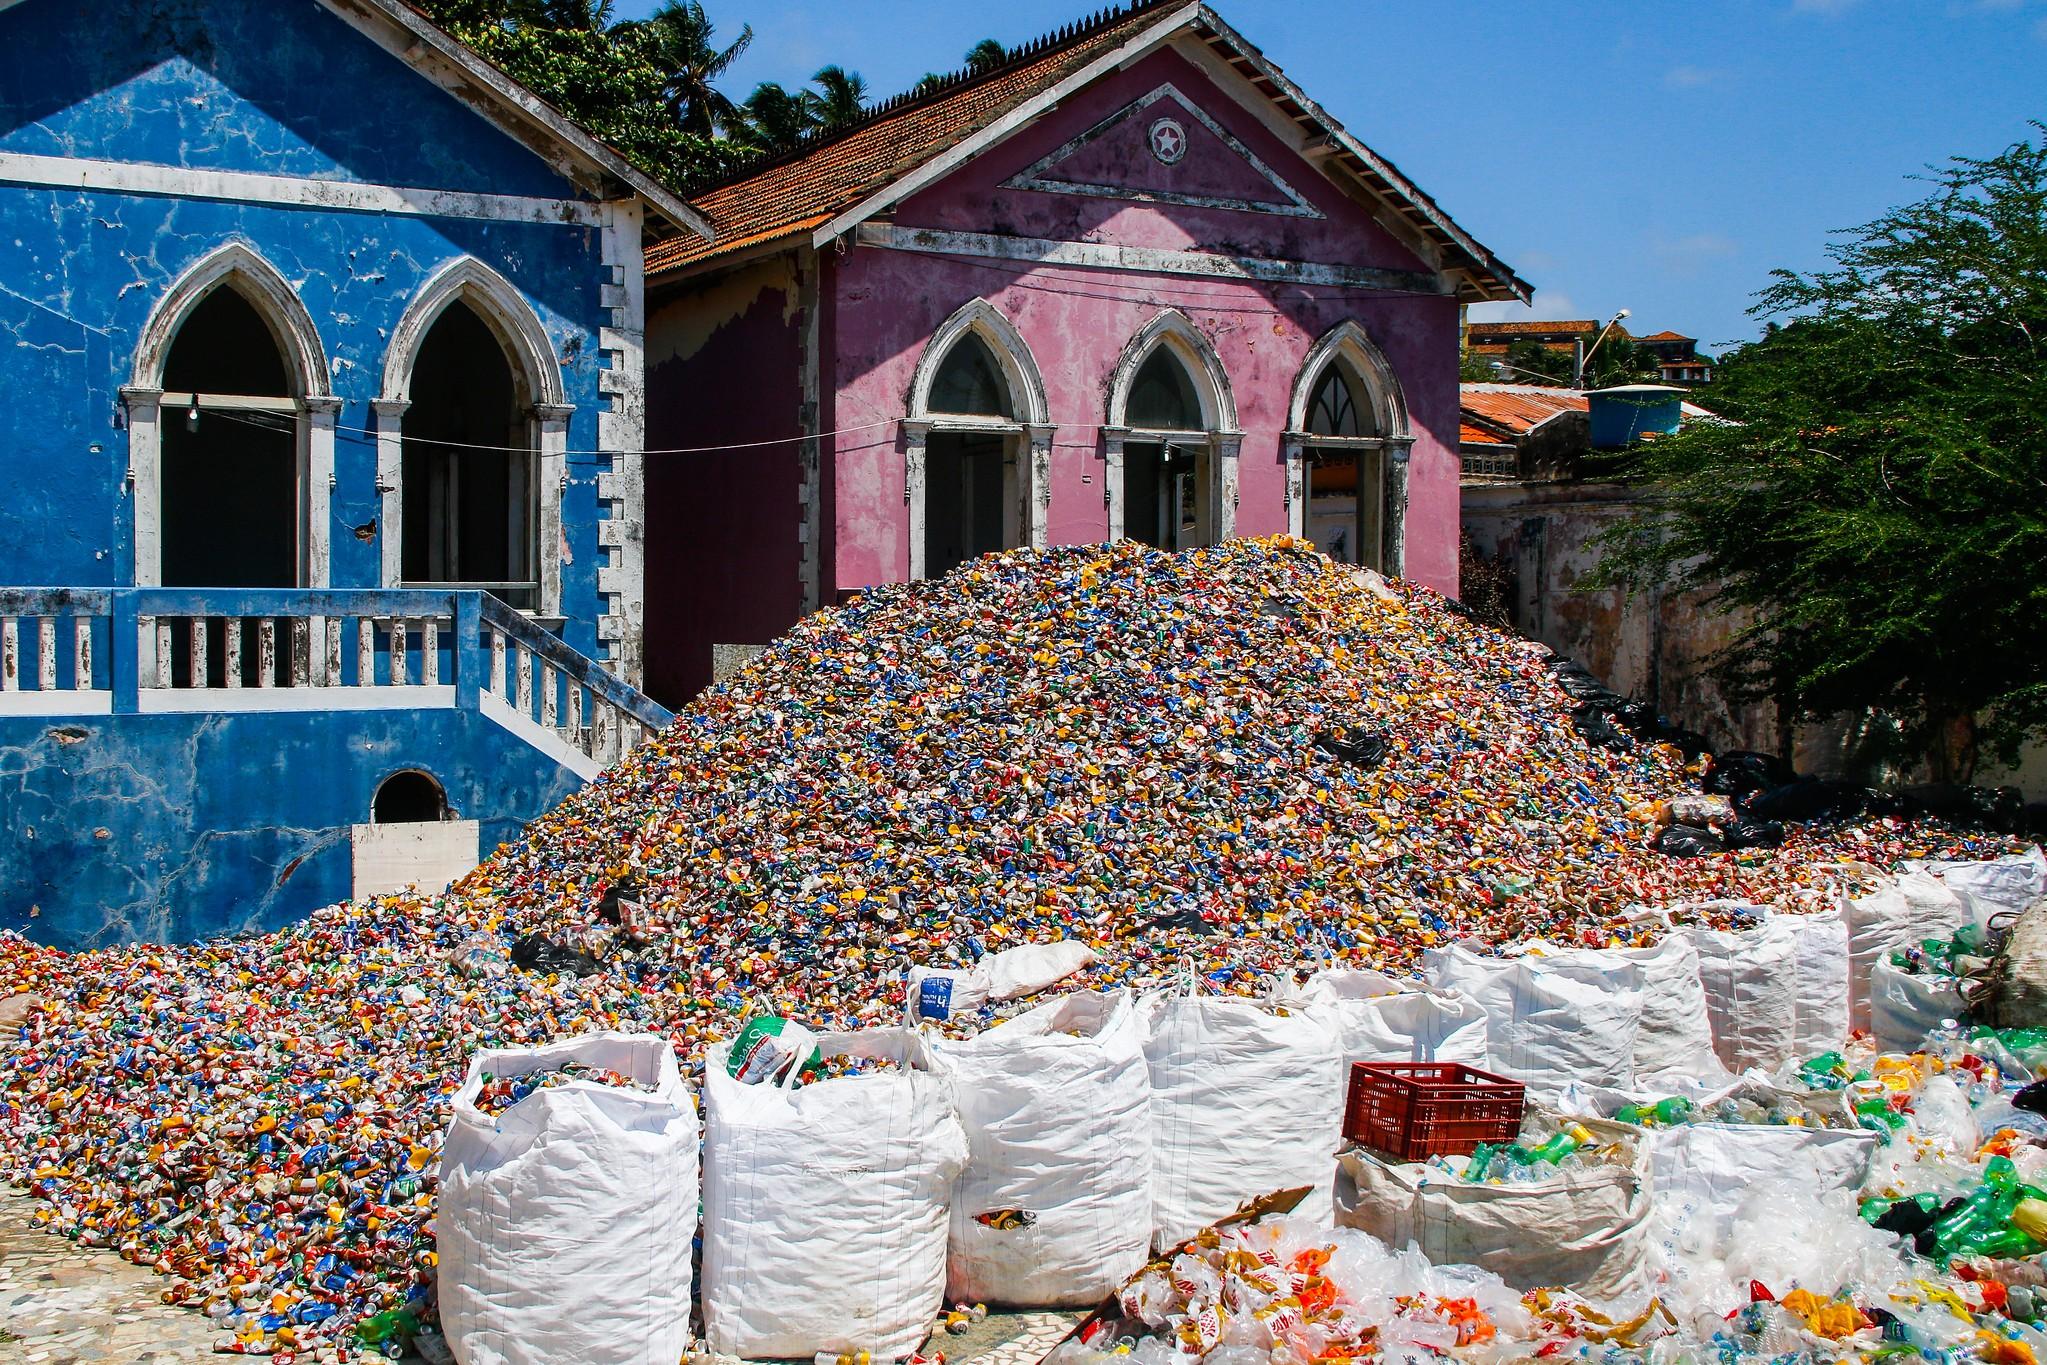 Mais de 150 toneladas de material reciclável são recolhidas no carnaval do Recife e de Olinda